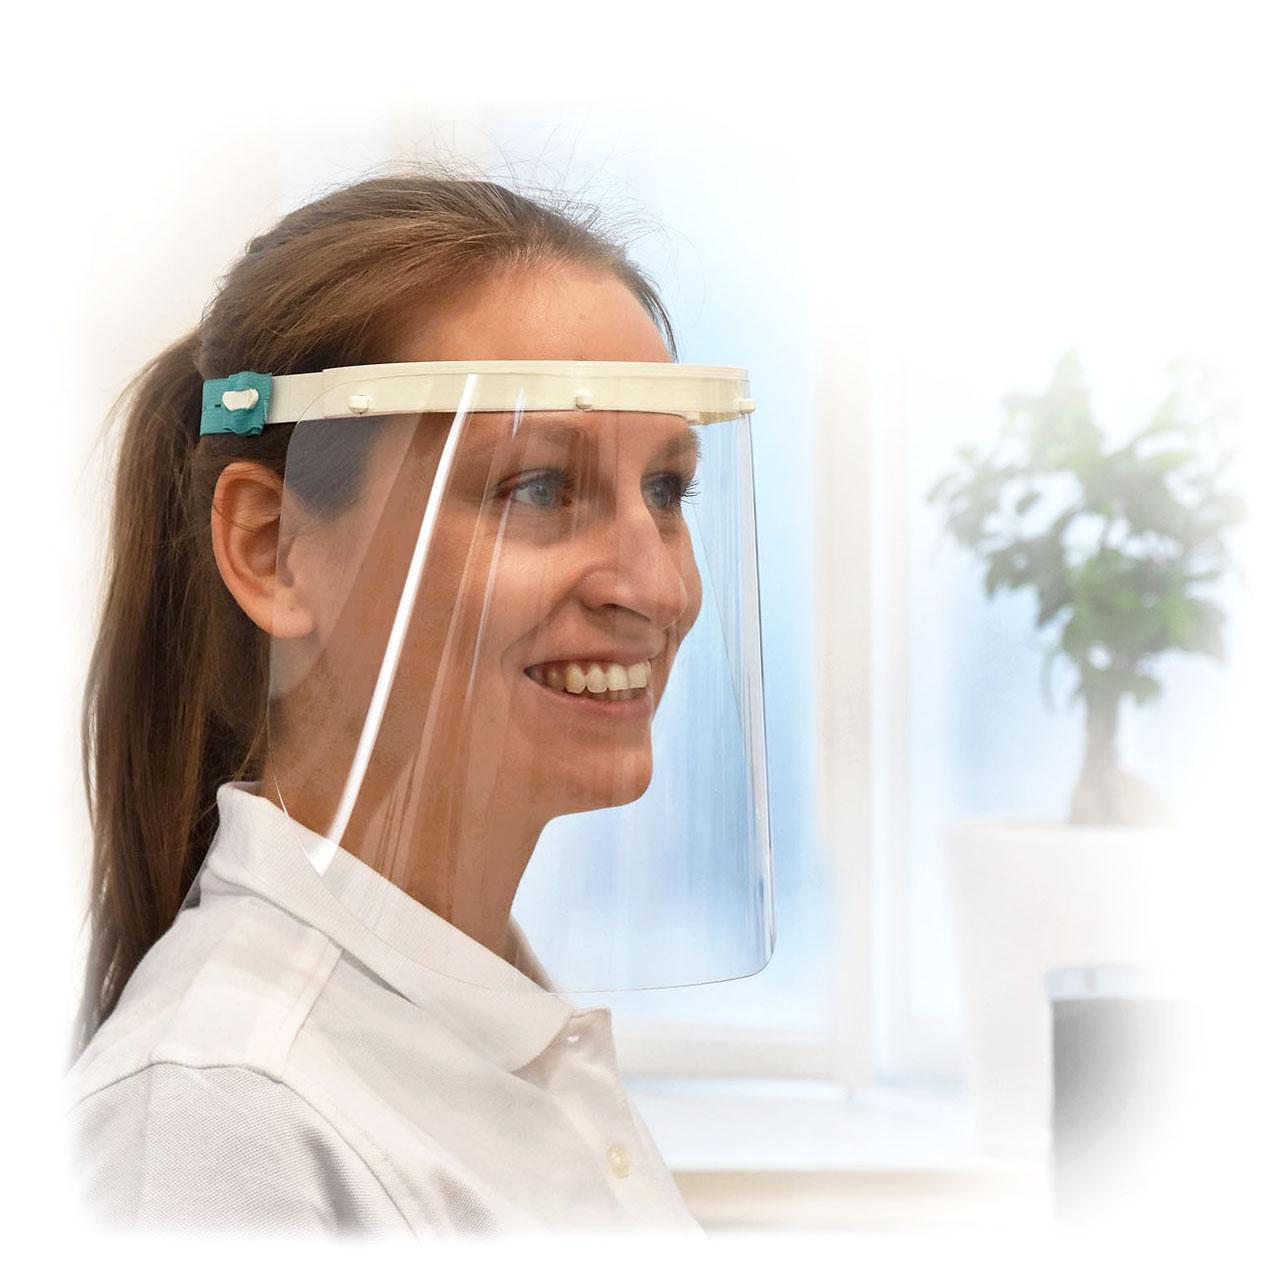 3D-Gesichtsschild-FS-01-anwendung-Gesichtsvisier-Faceshield-SHOP-3.jpg